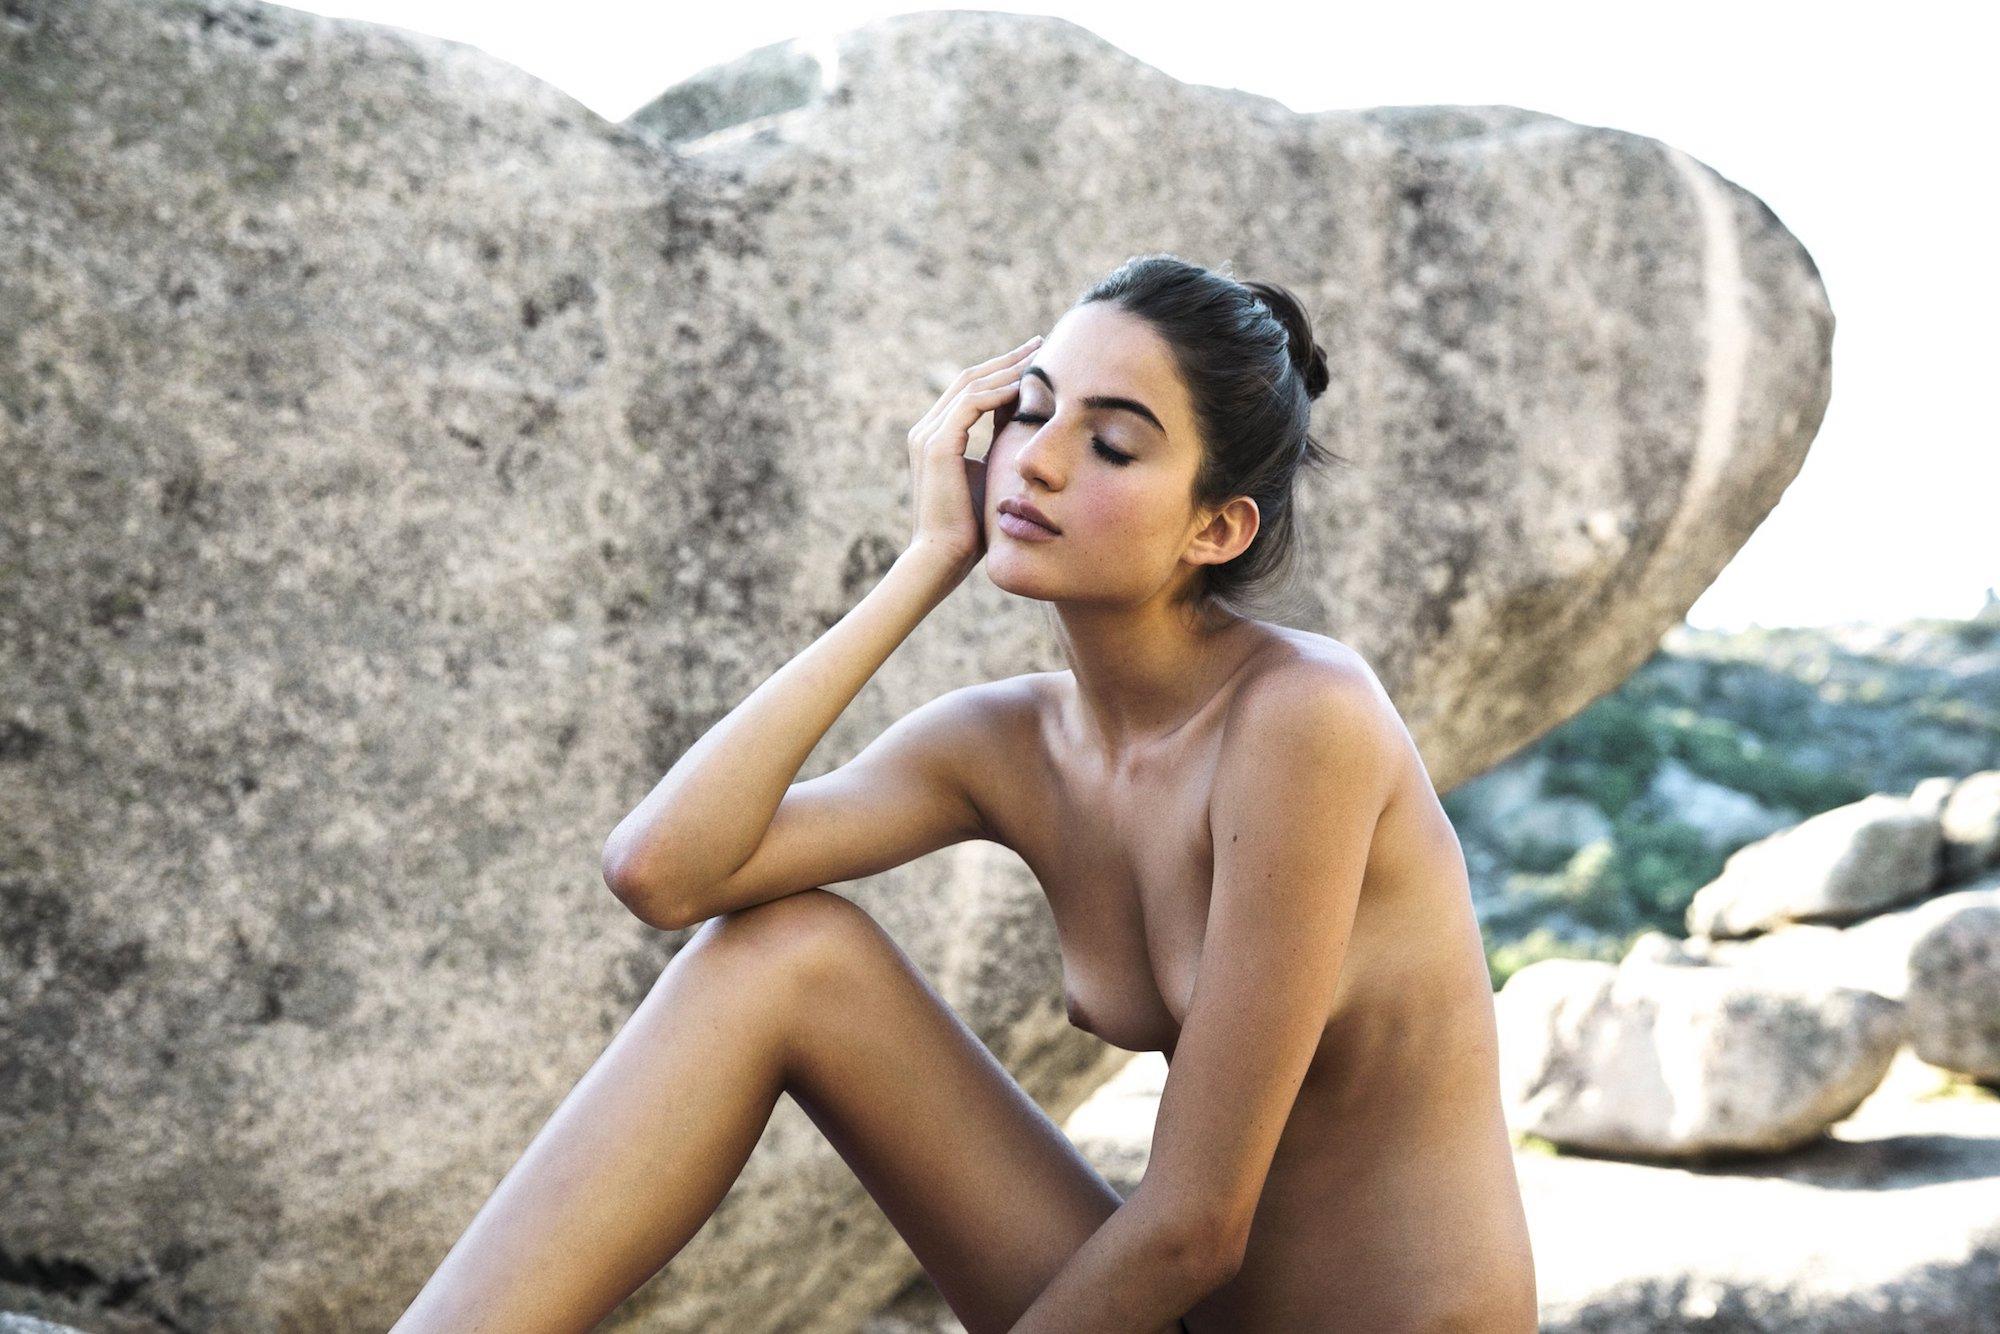 Naked women using vibrators